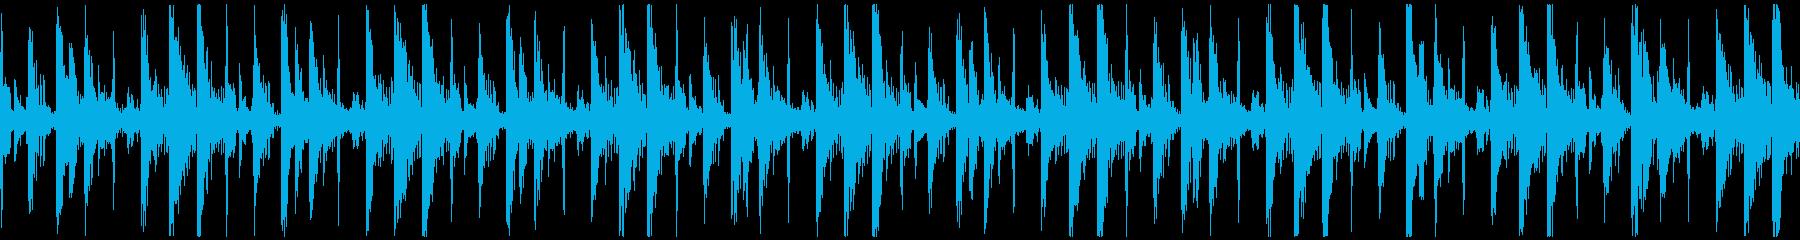 ループ[ニュース報道]無機質:10の再生済みの波形